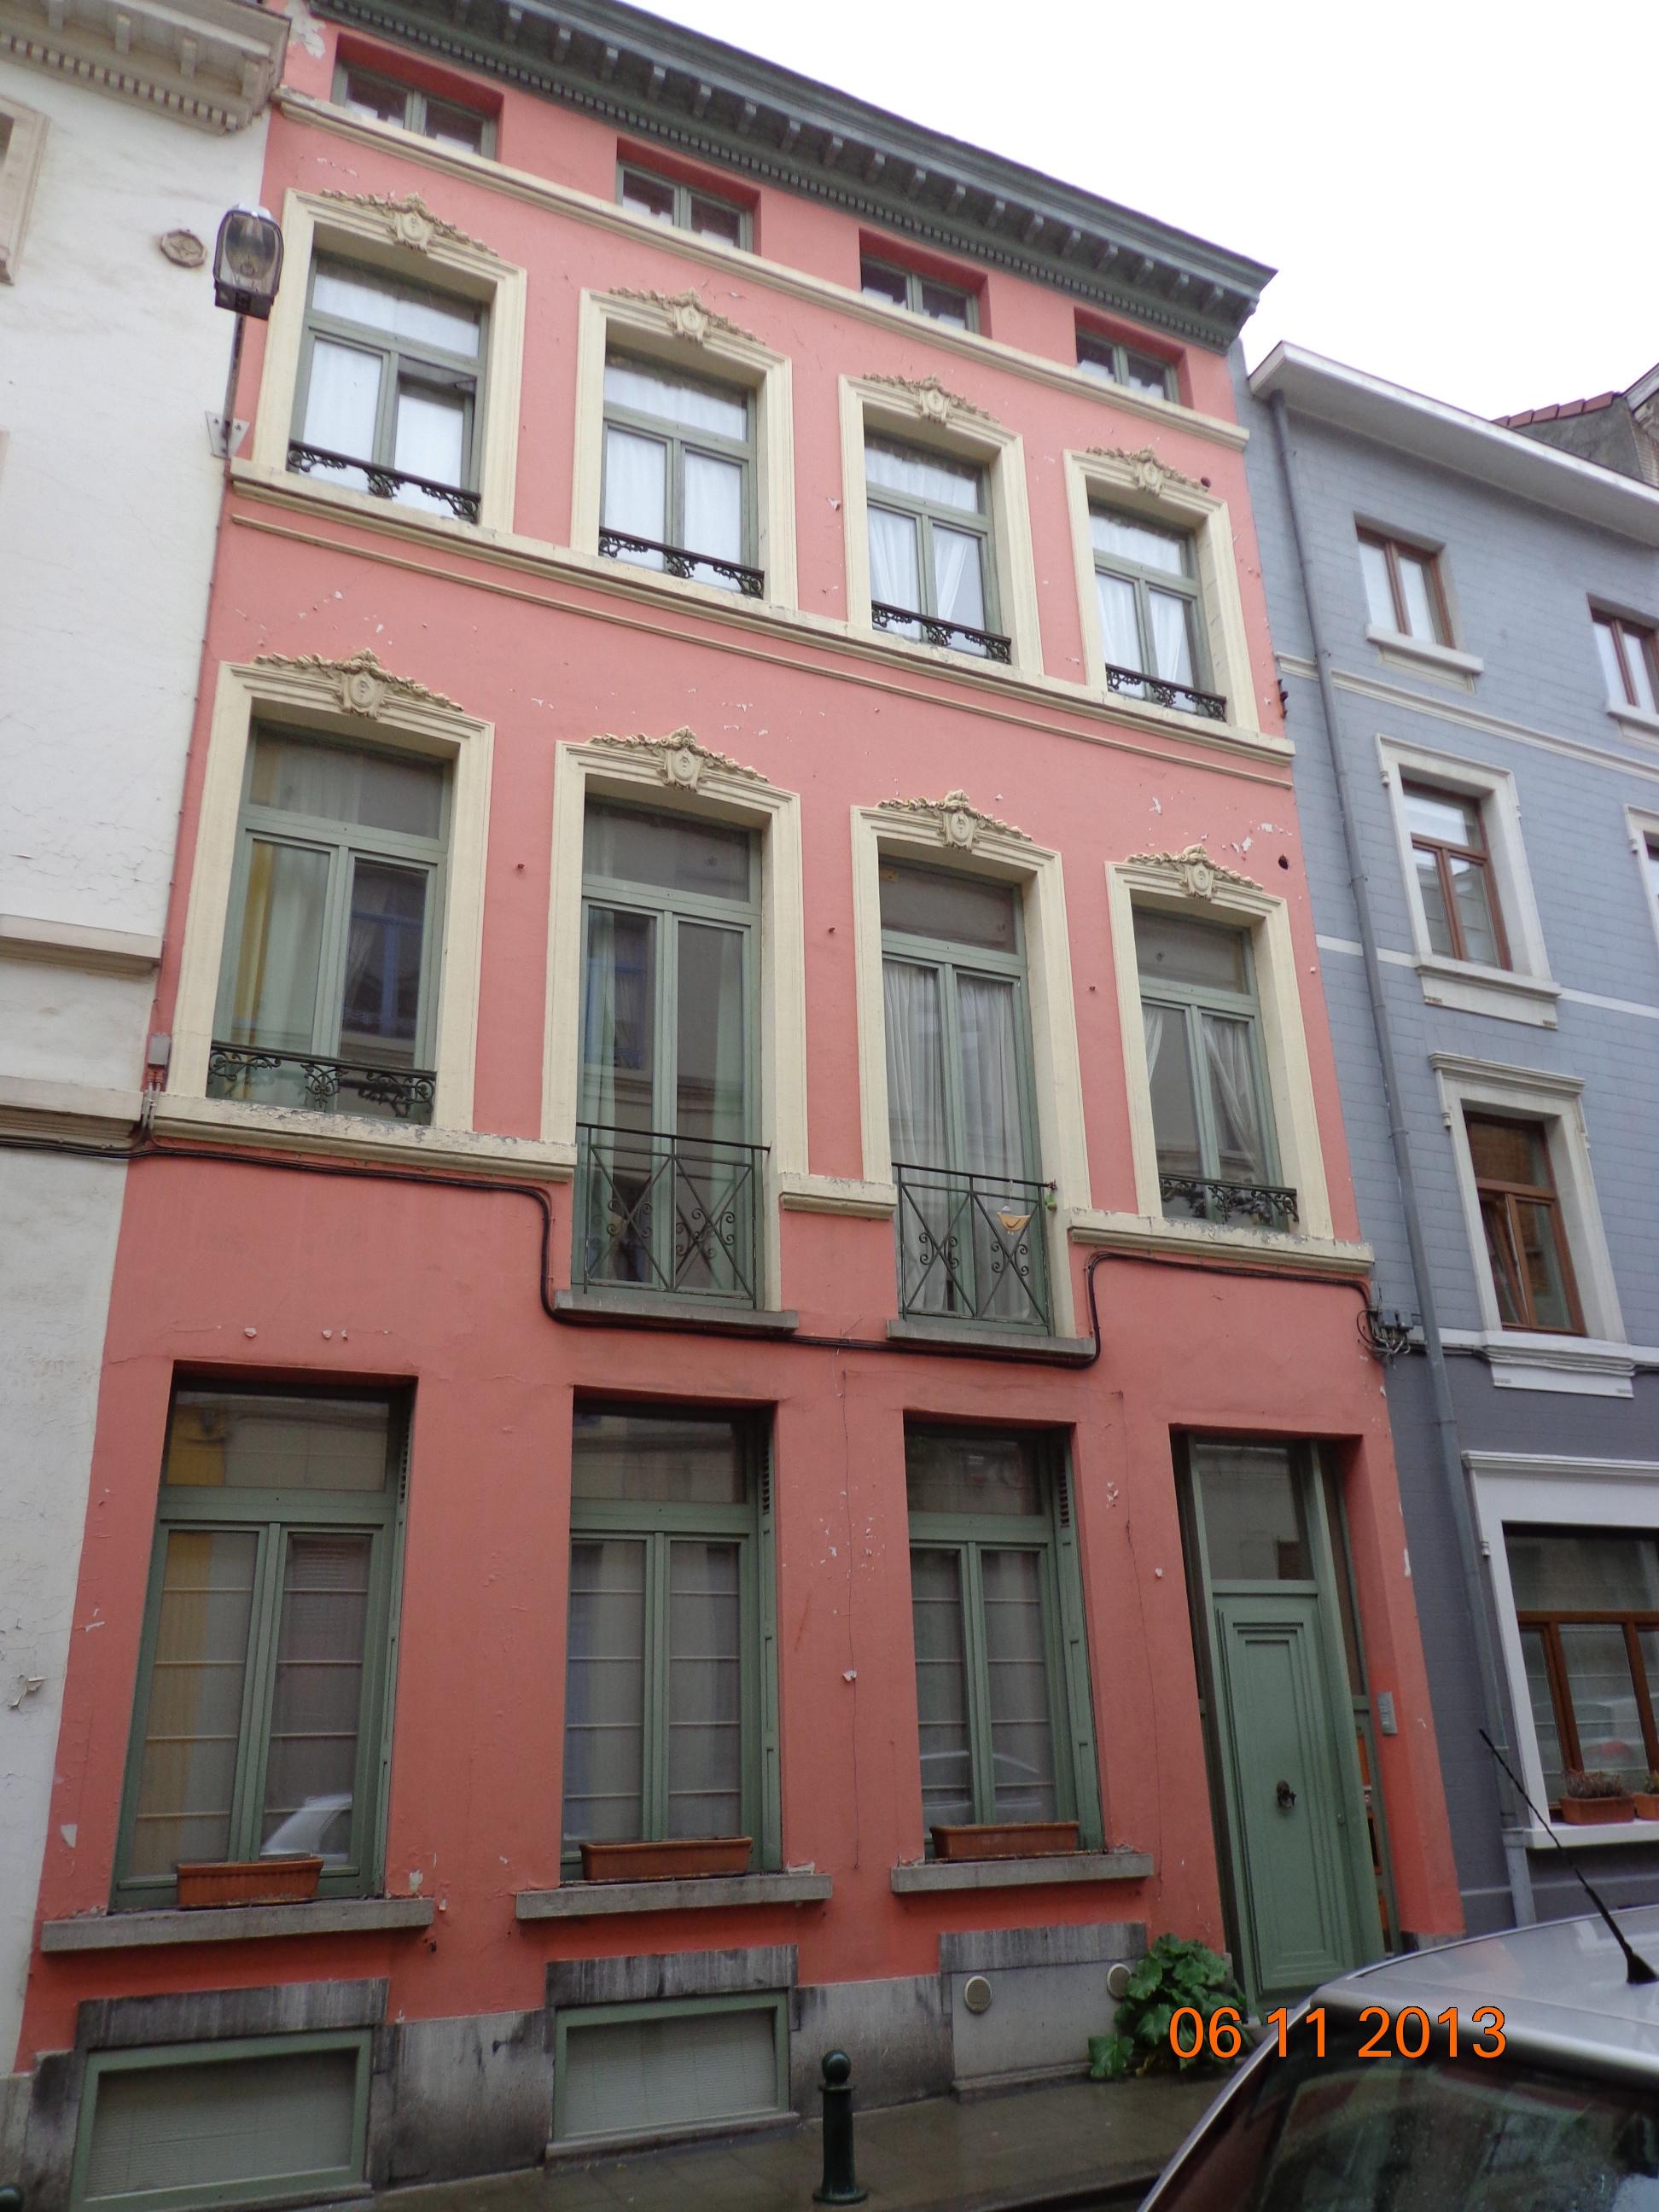 Avant: Façade de maison avant de peinture extérieure